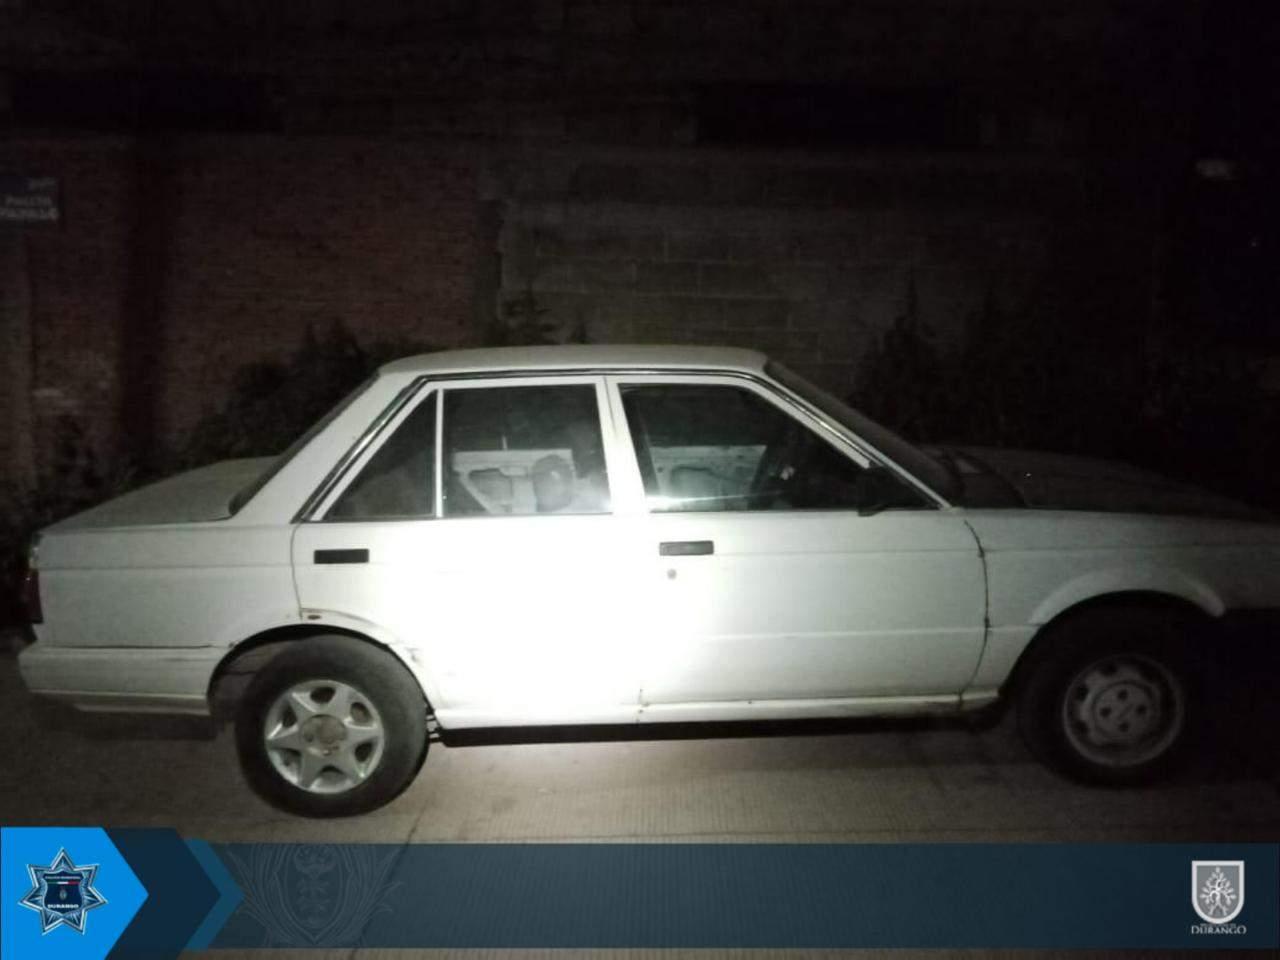 Tres vehículos robados fueron abandonados